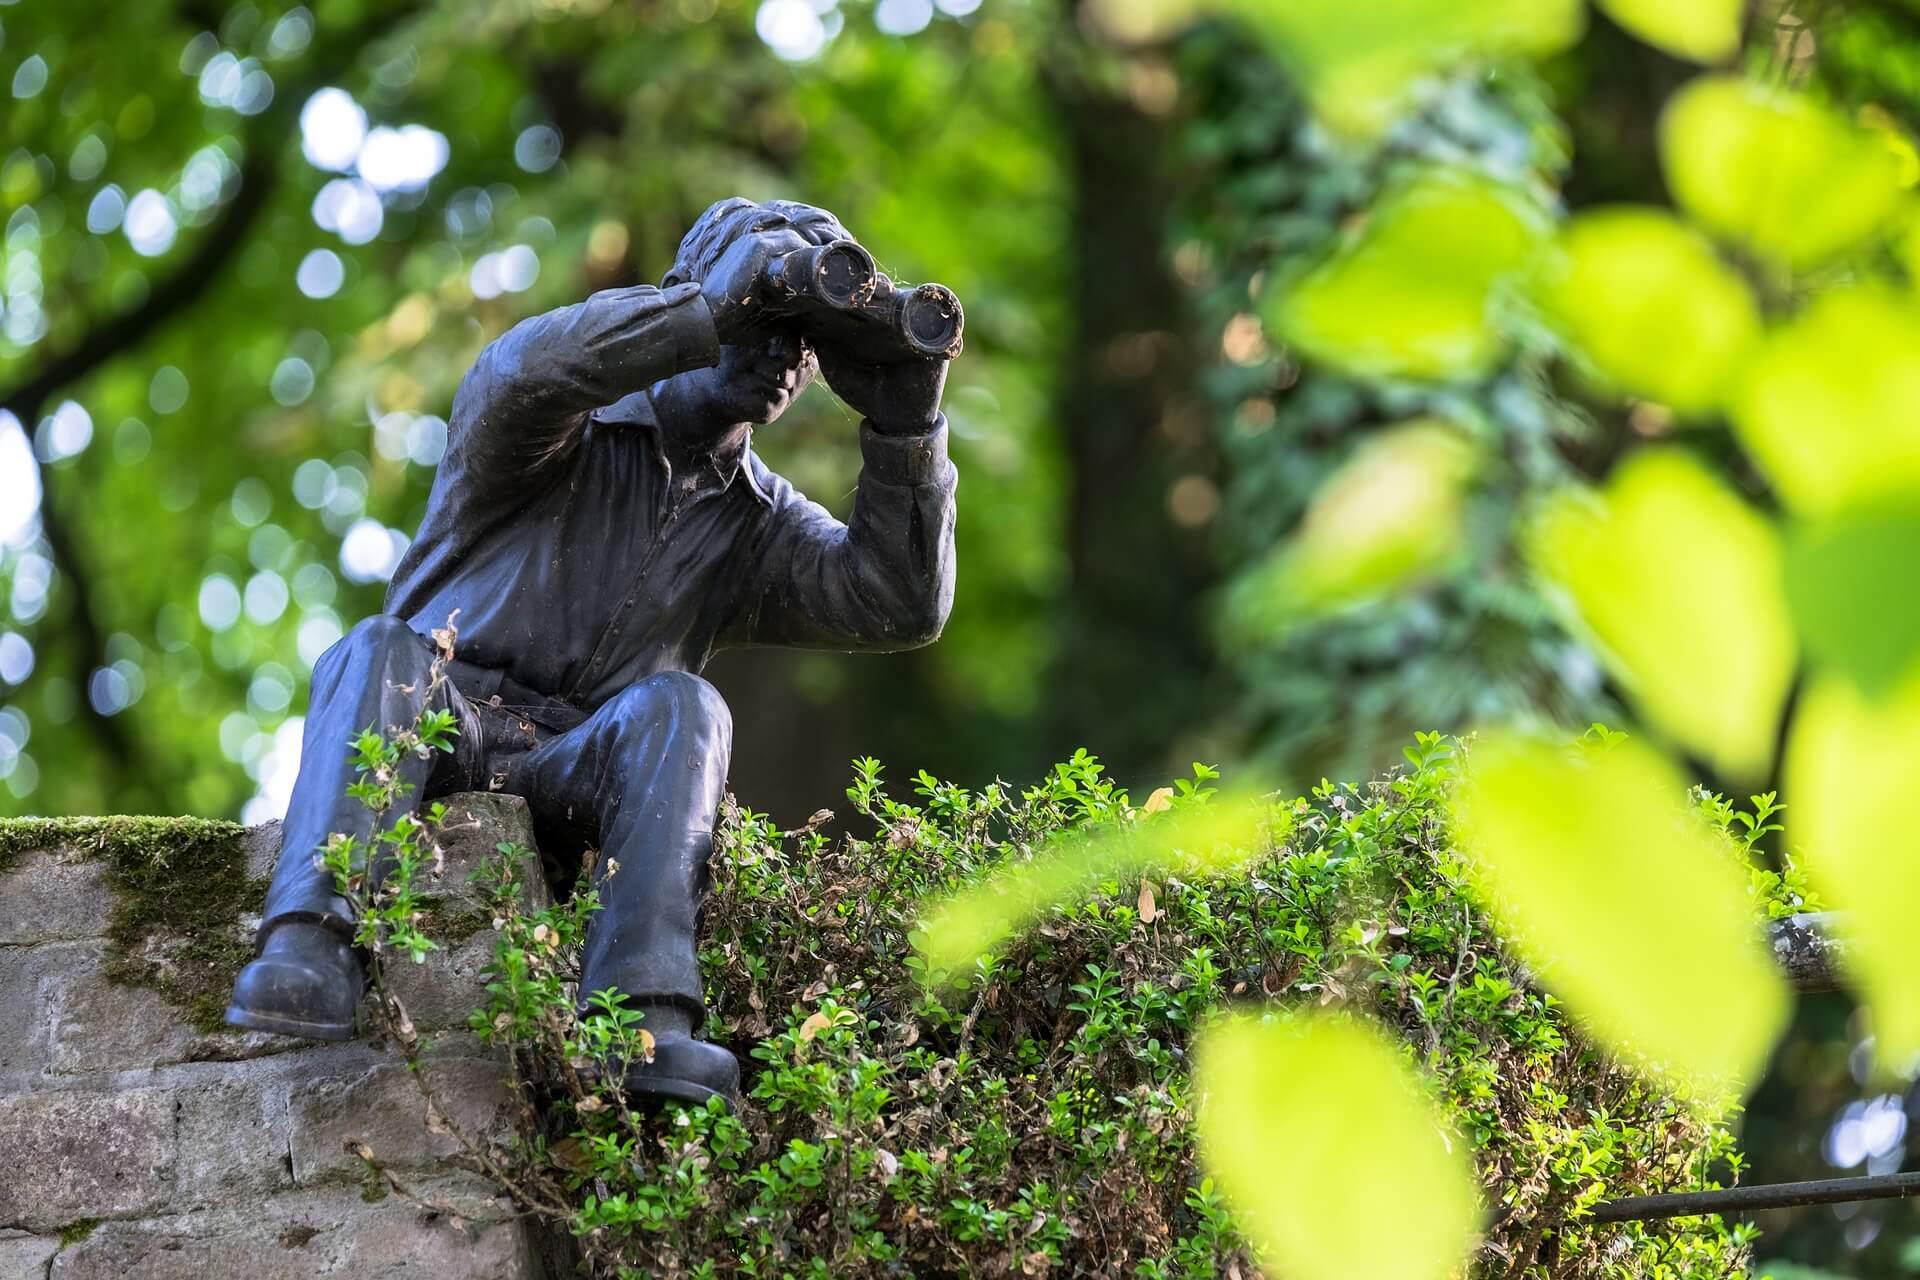 stalking - foto de uma estátua em um parque arborizado de um homem sentado usando binóculos.